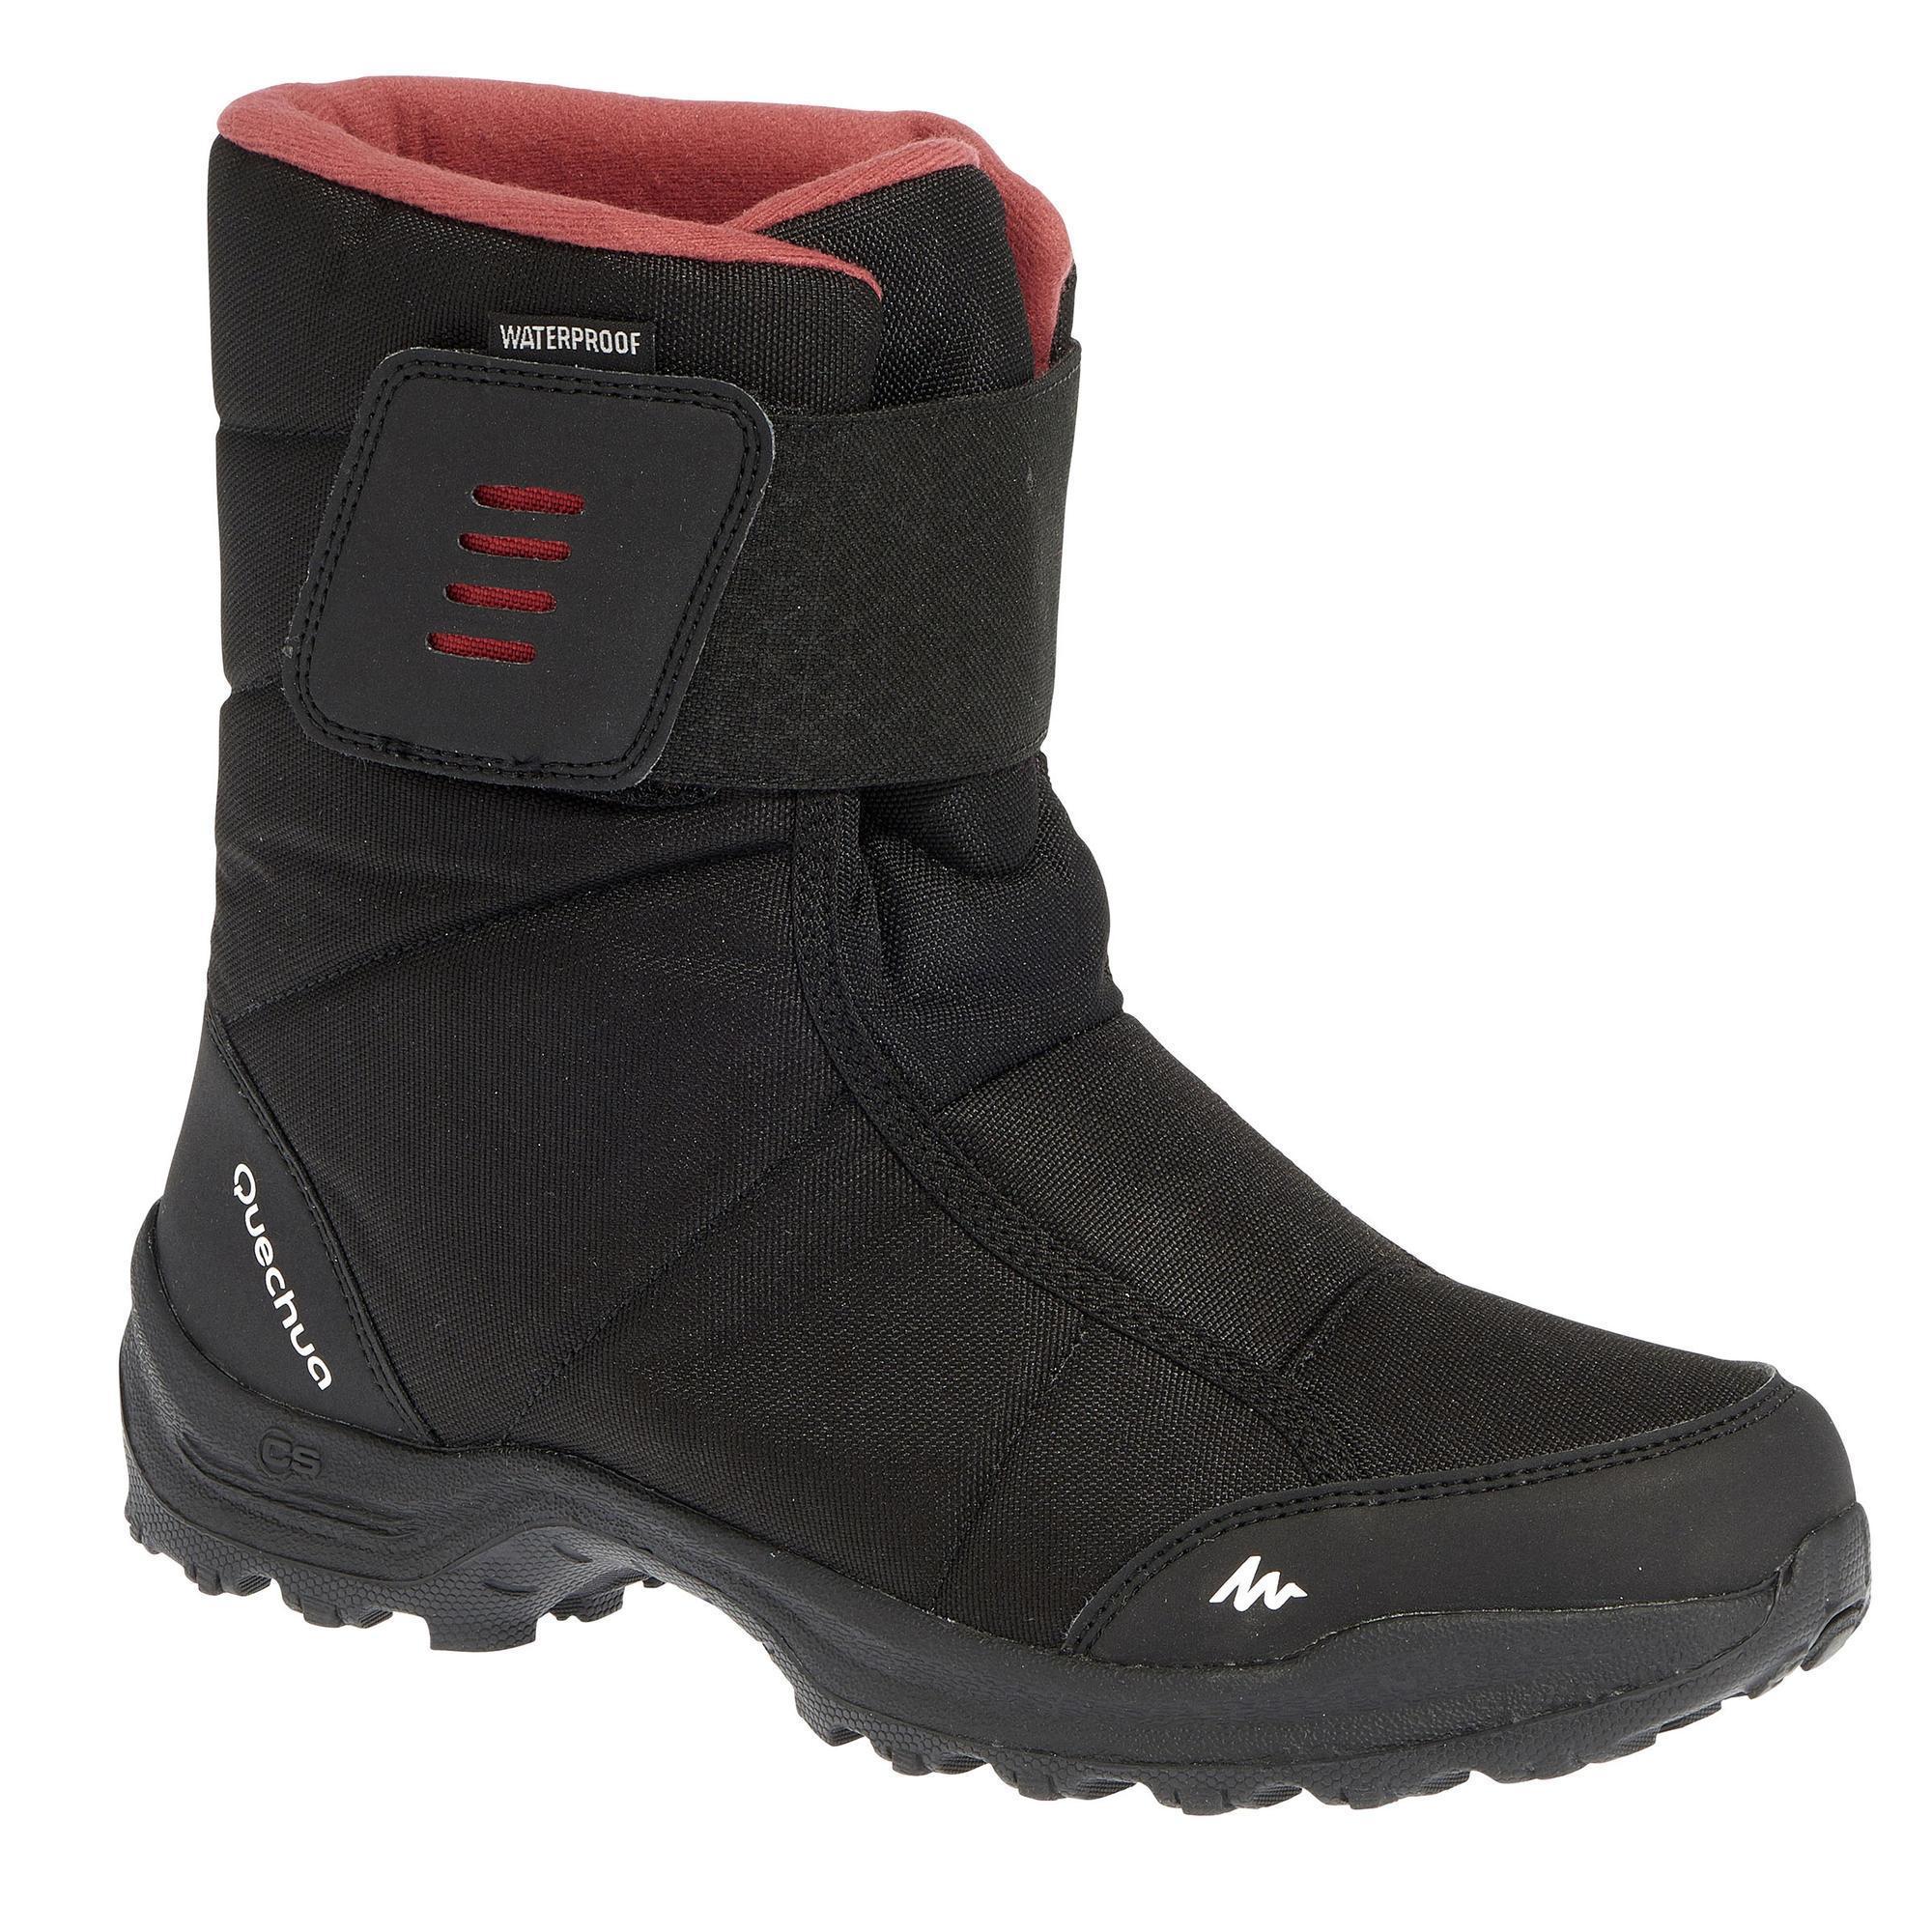 Quechua Dames wandellaarzen voor de sneeuw SH100 X-warm